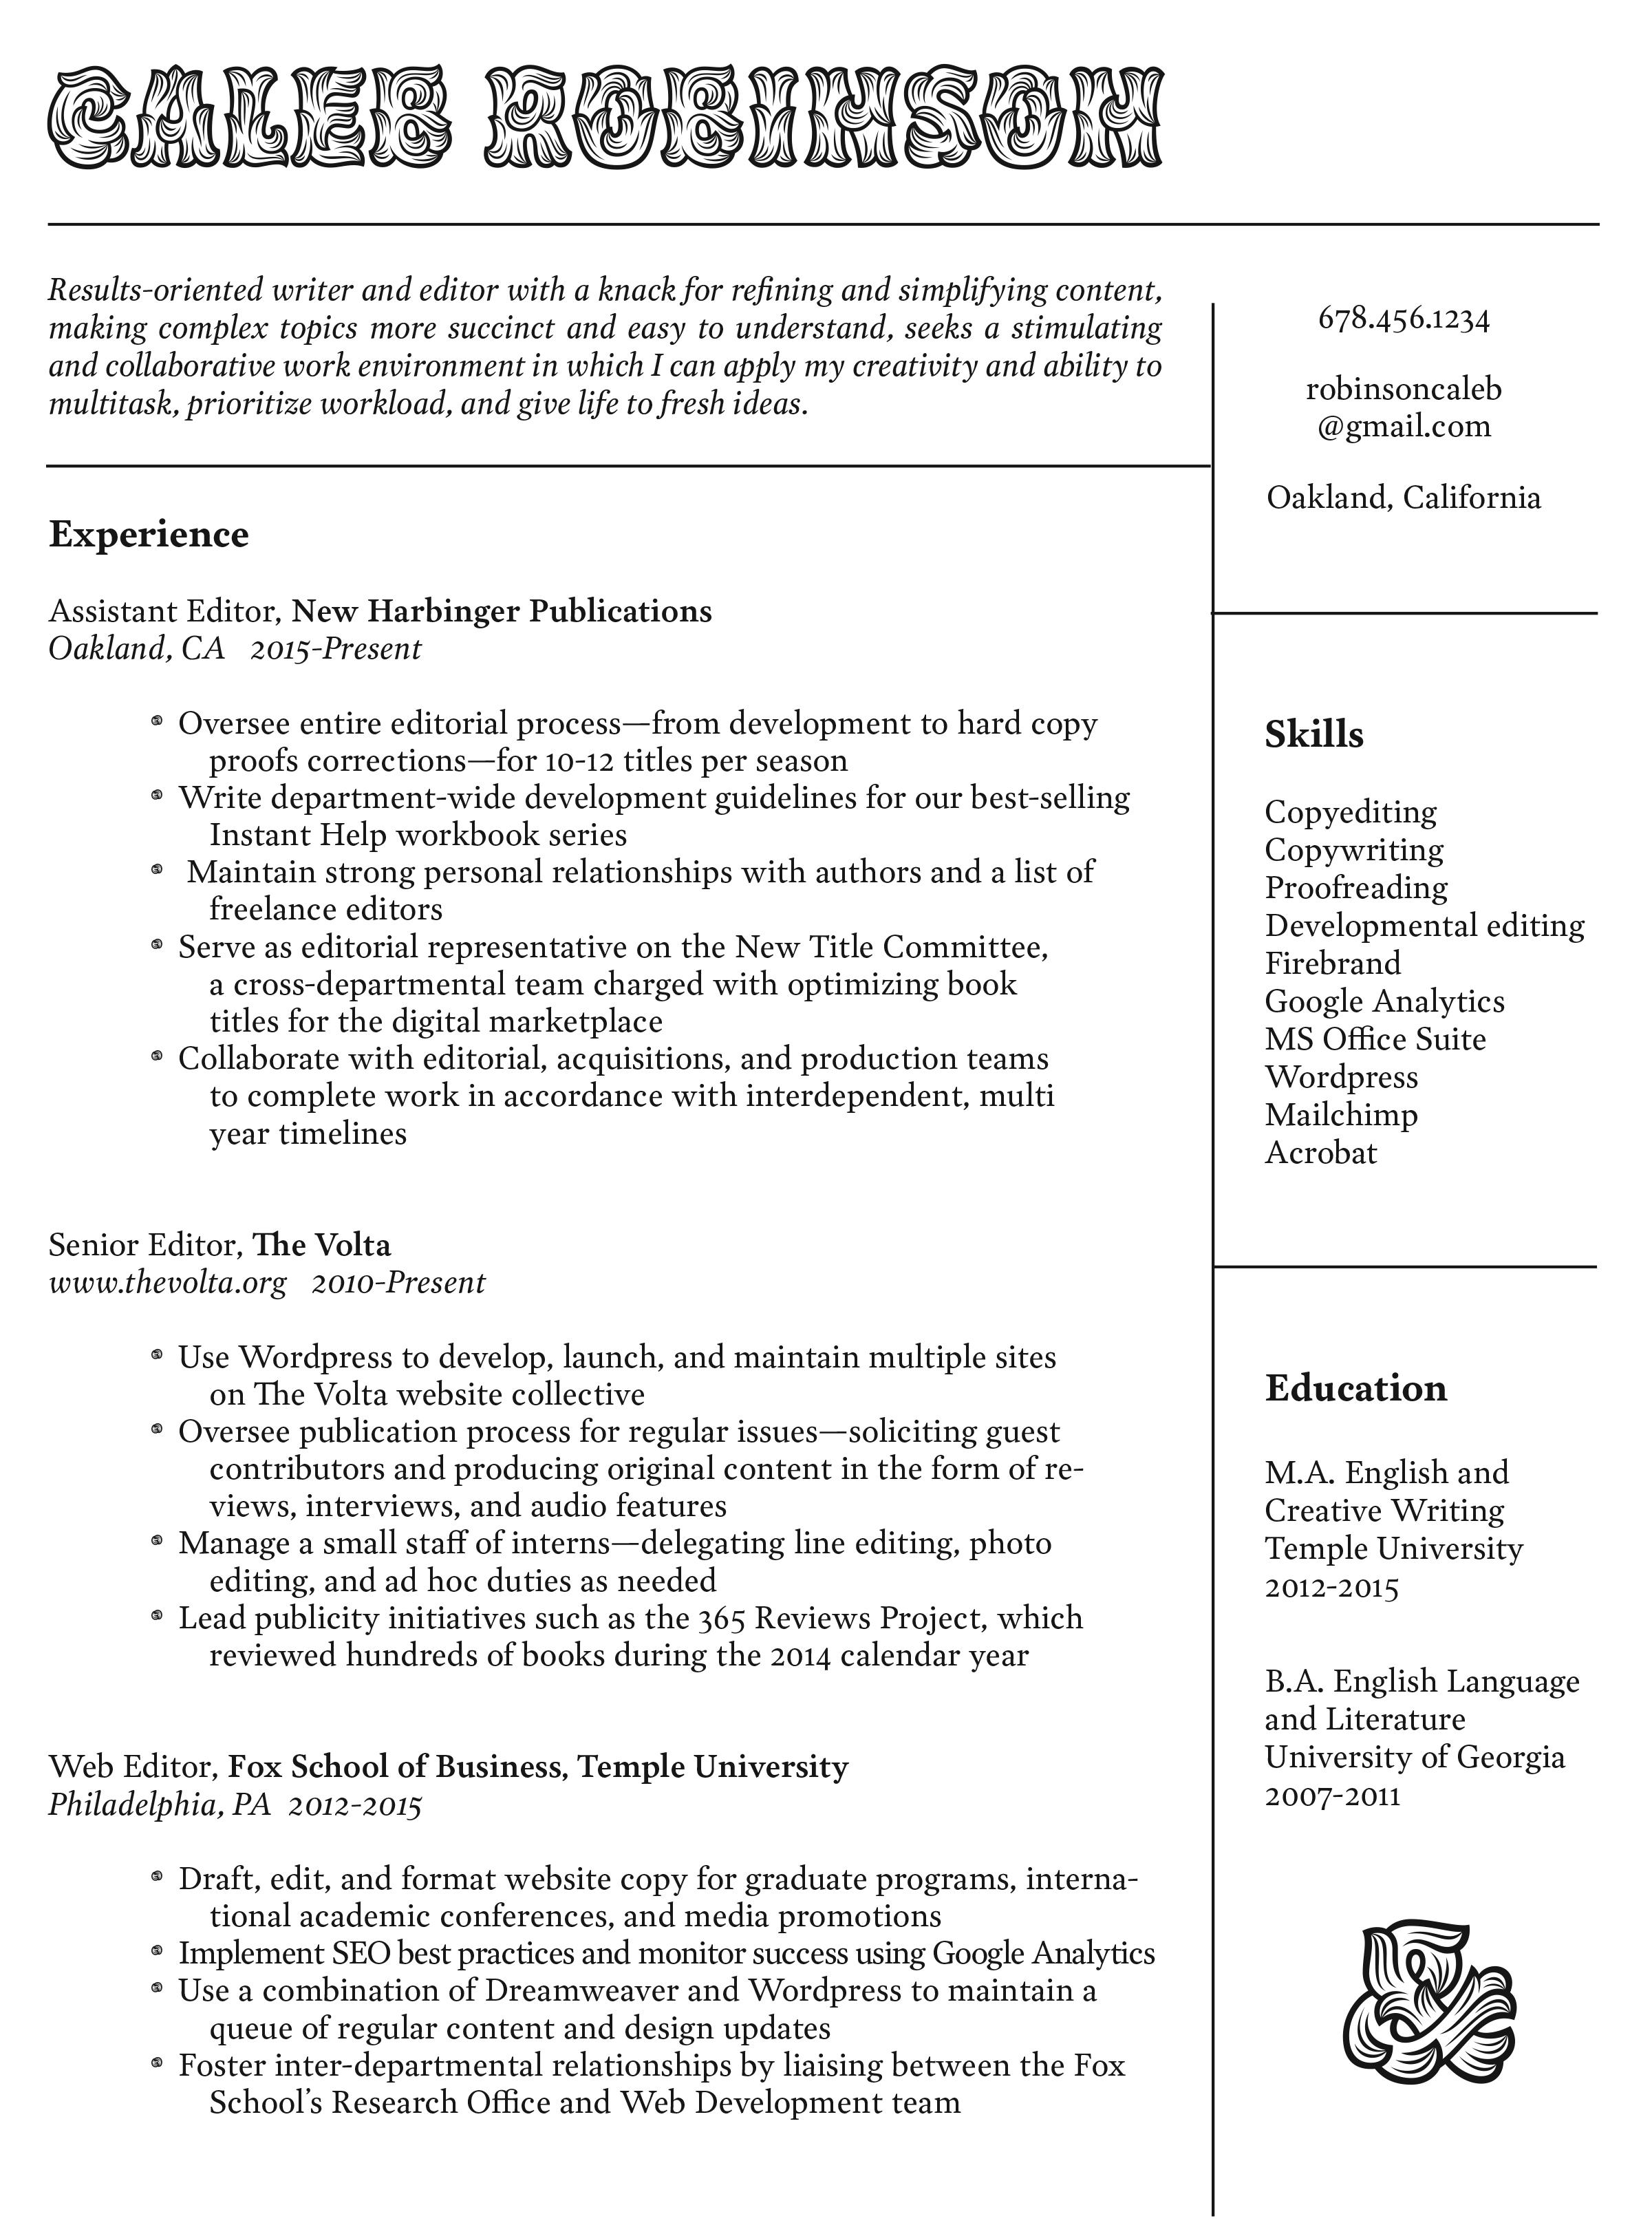 caleb's fake resume.jpg